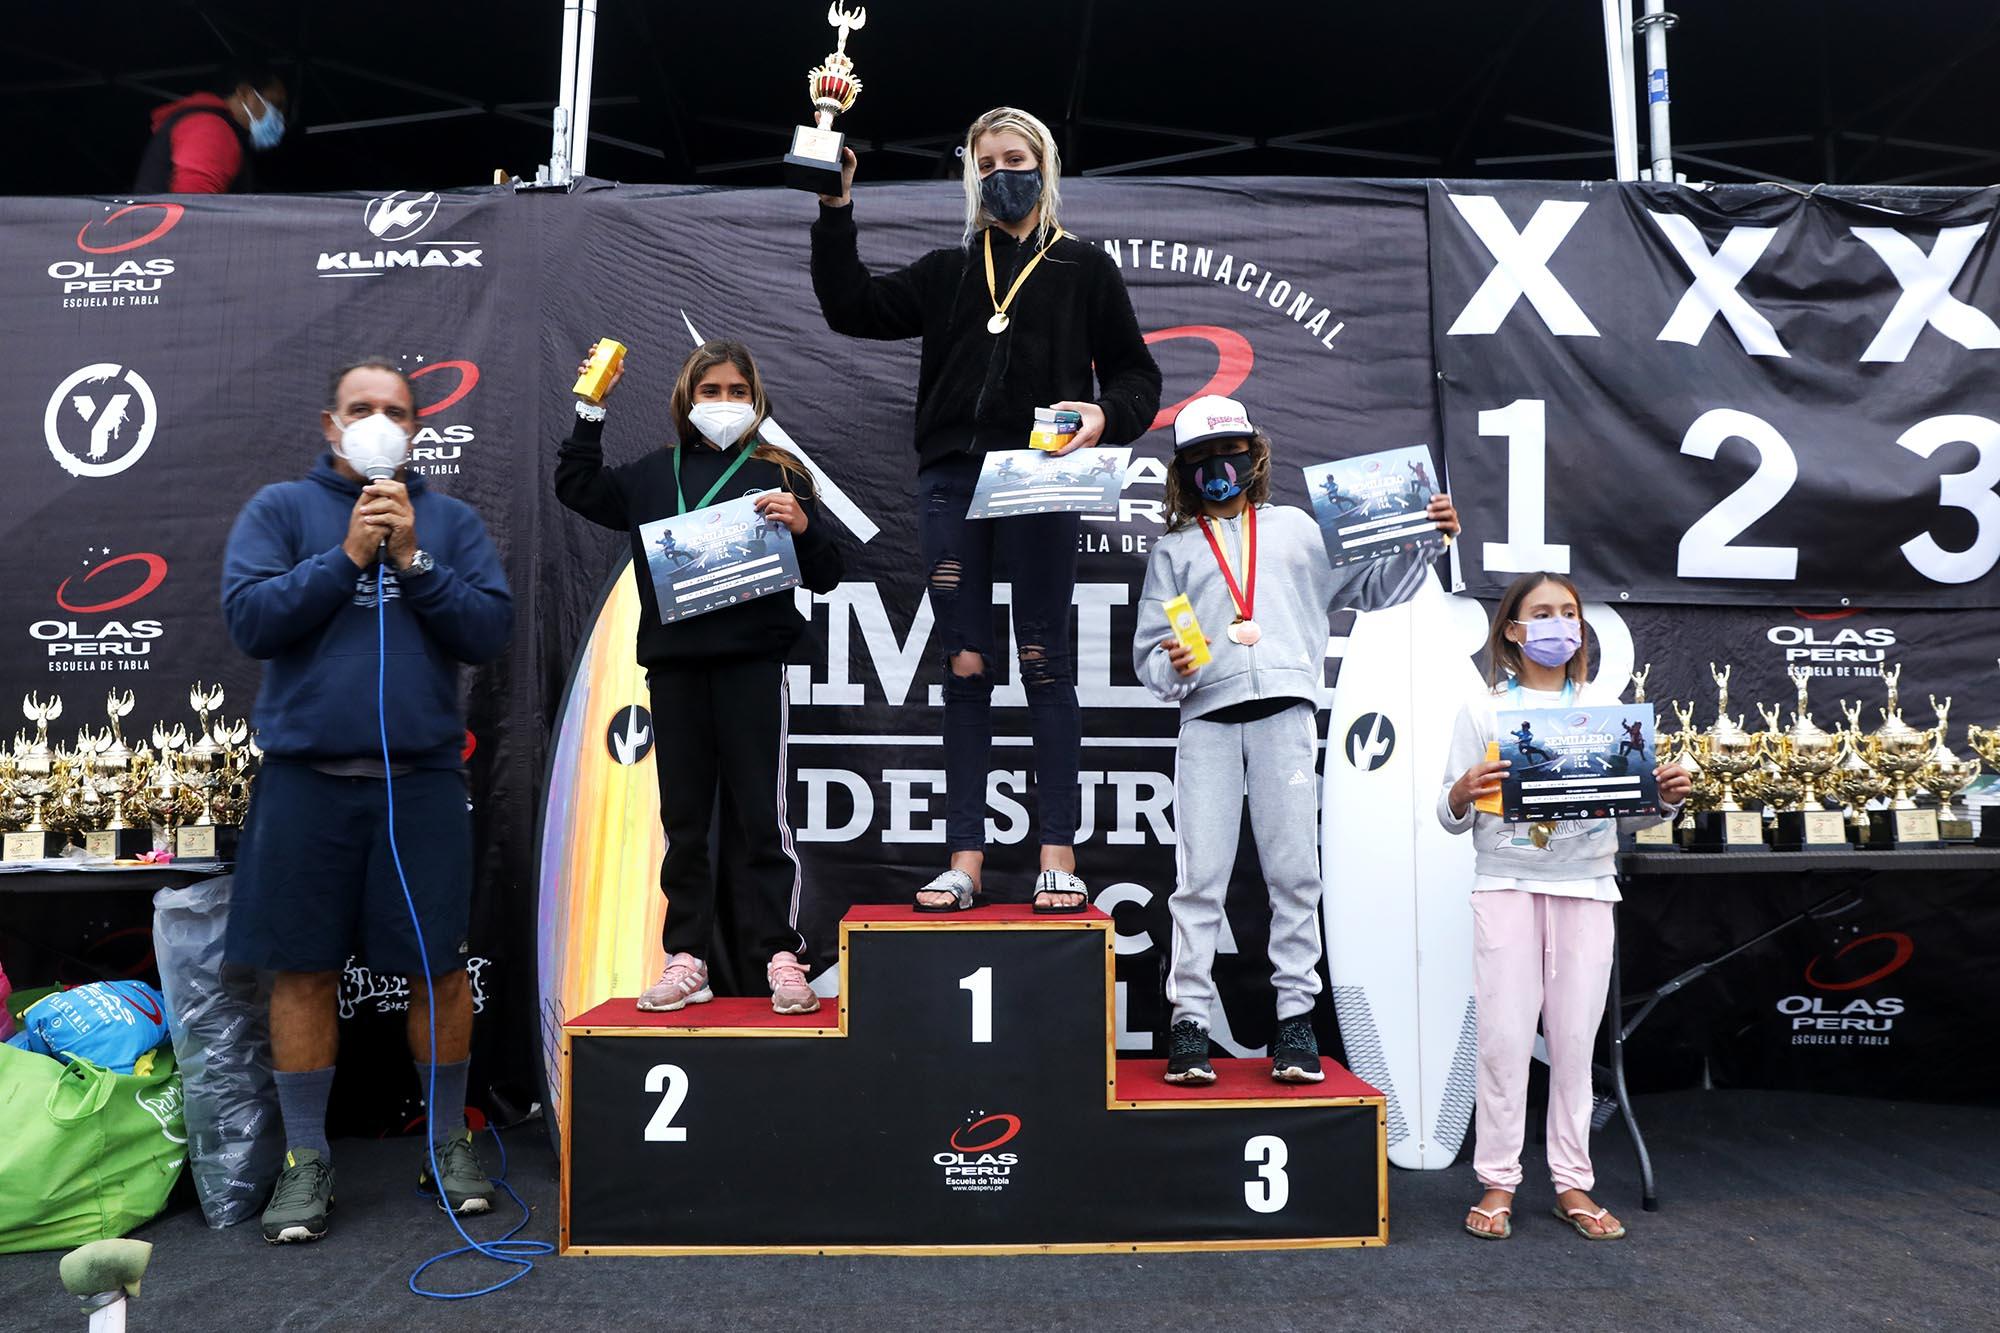 3era y última fecha del circuito internacional Semillero Olas Perú